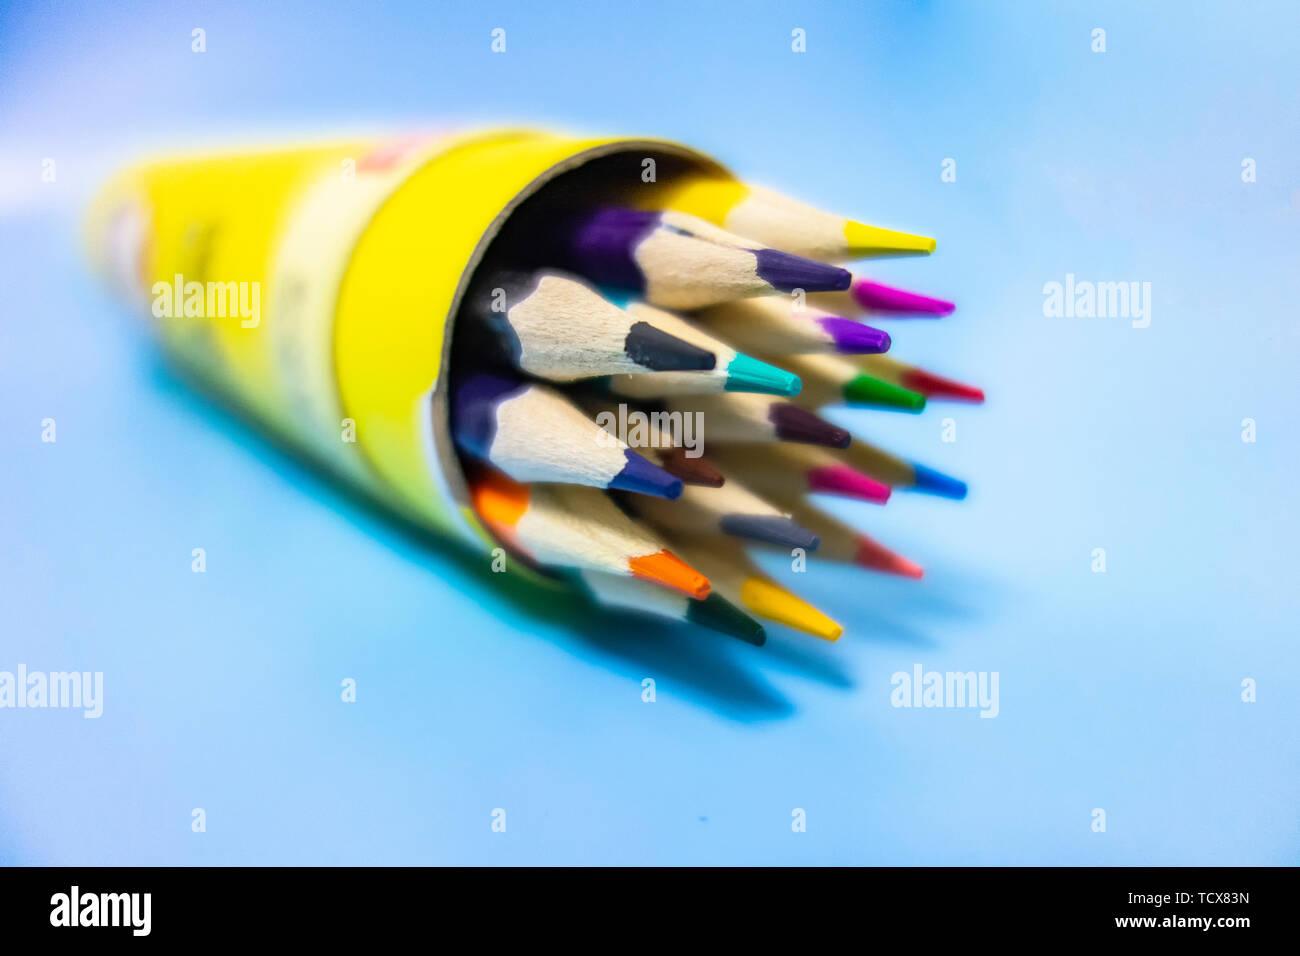 Eine übersichtliche Buntstift auf einem blauen Hintergrund Stockfoto